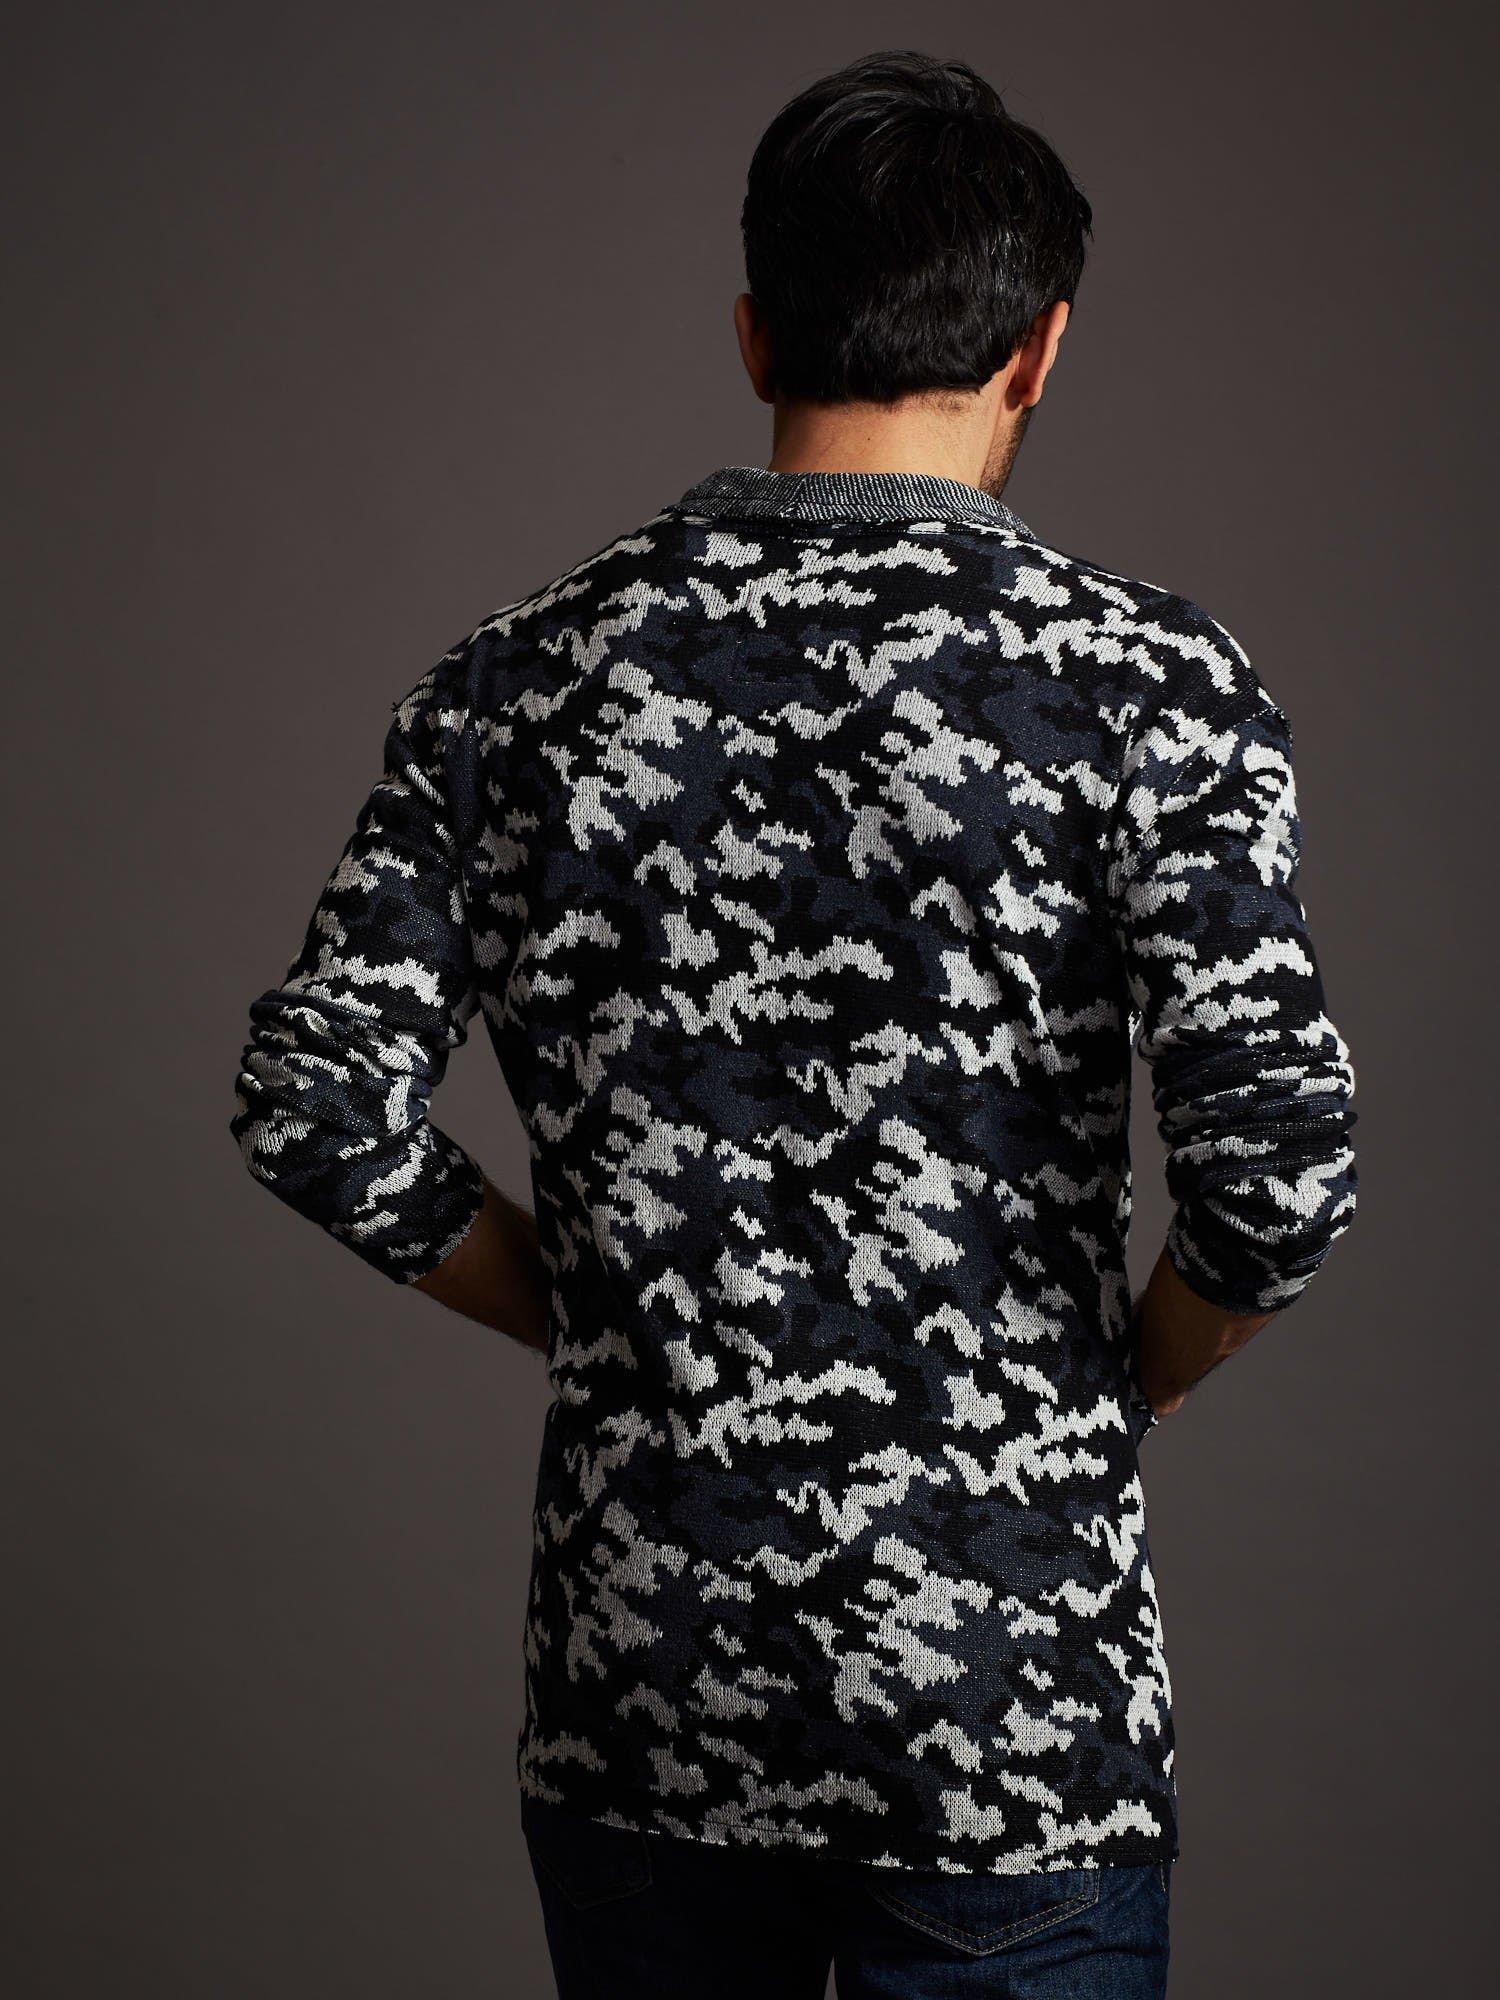 Pánský svetr s vojenskými modrými vzory